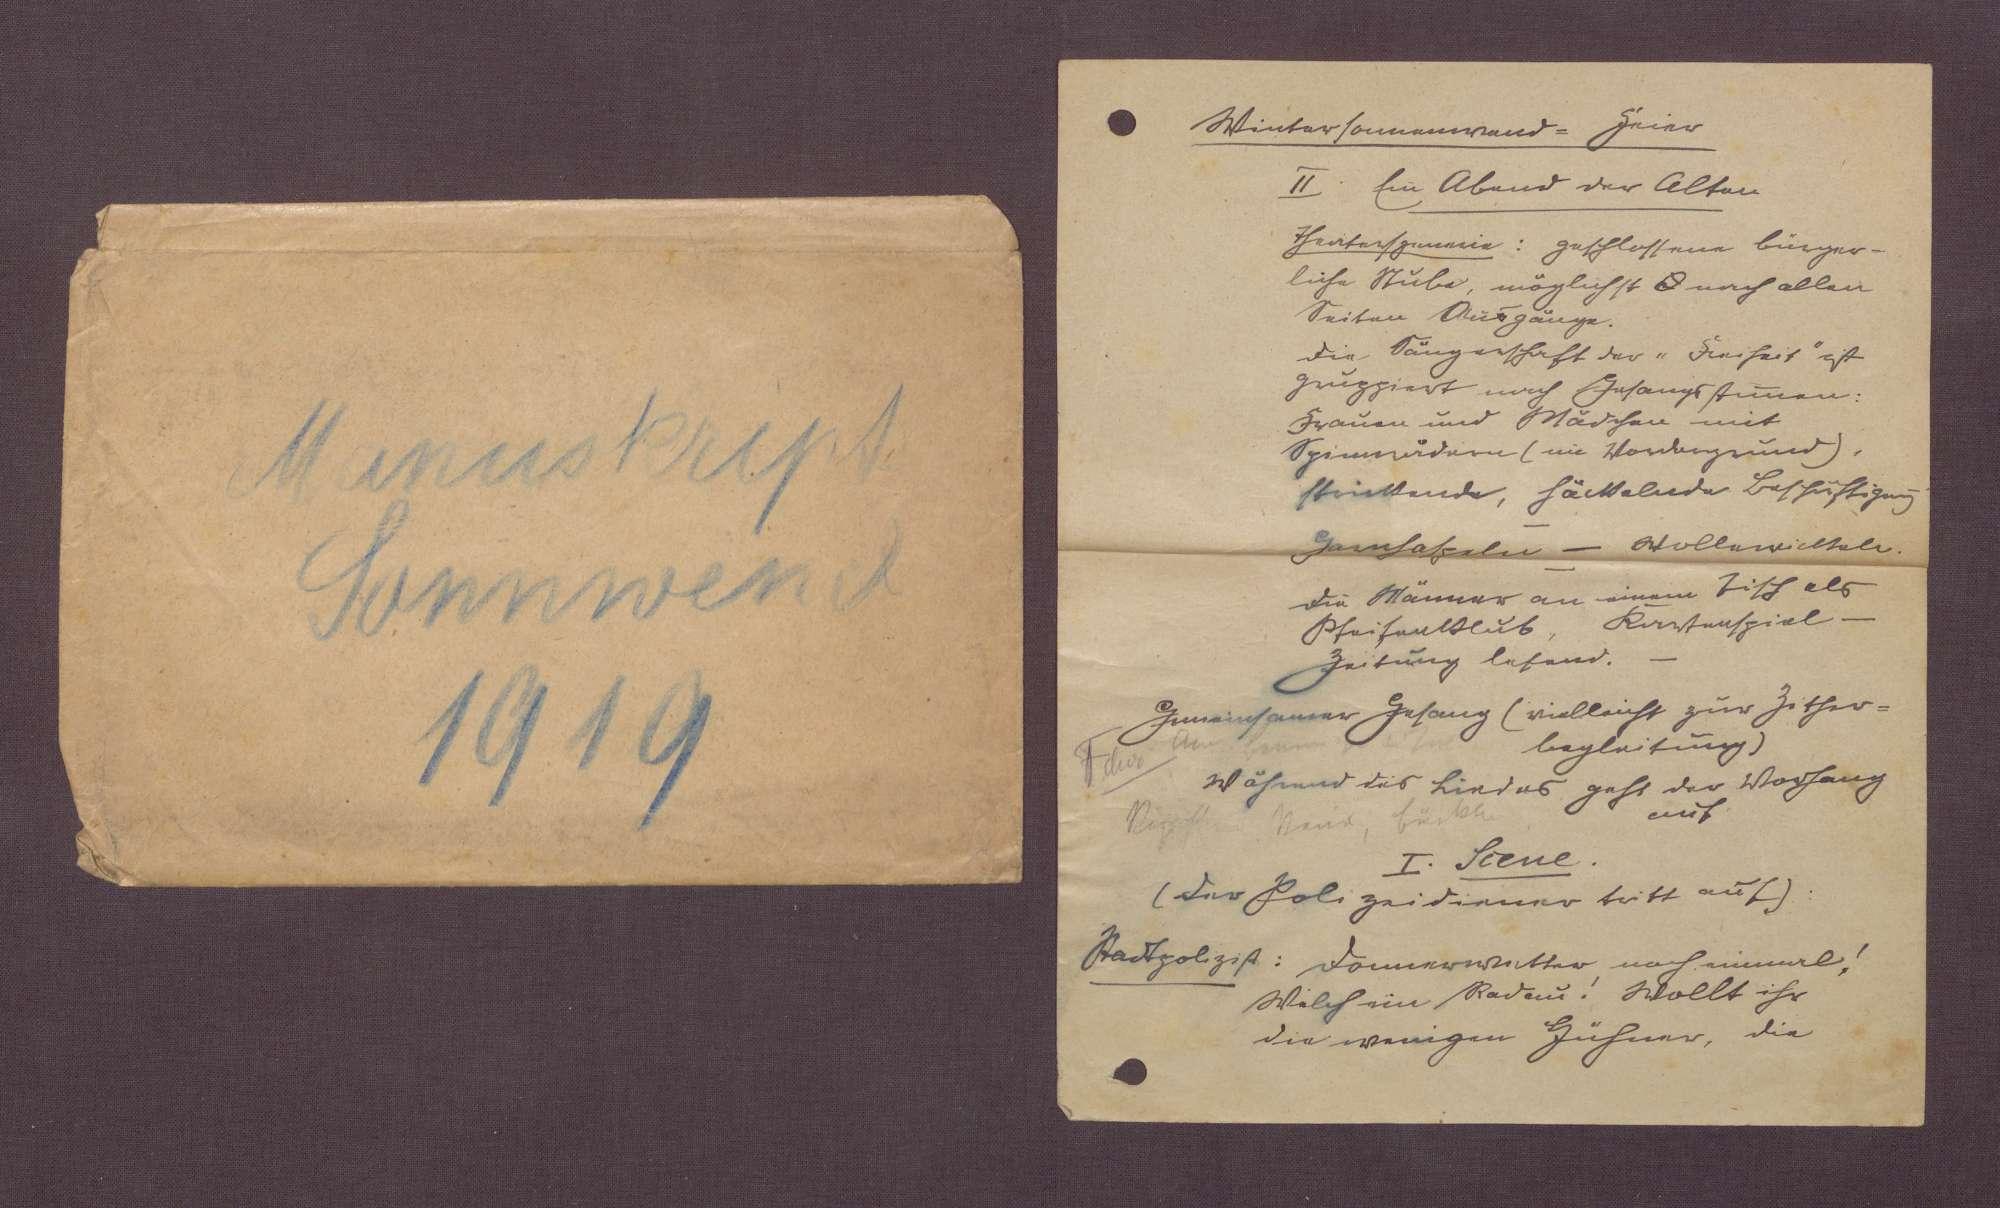 """Manuskript """"Wintersonnenwend-Feier"""", Bild 1"""